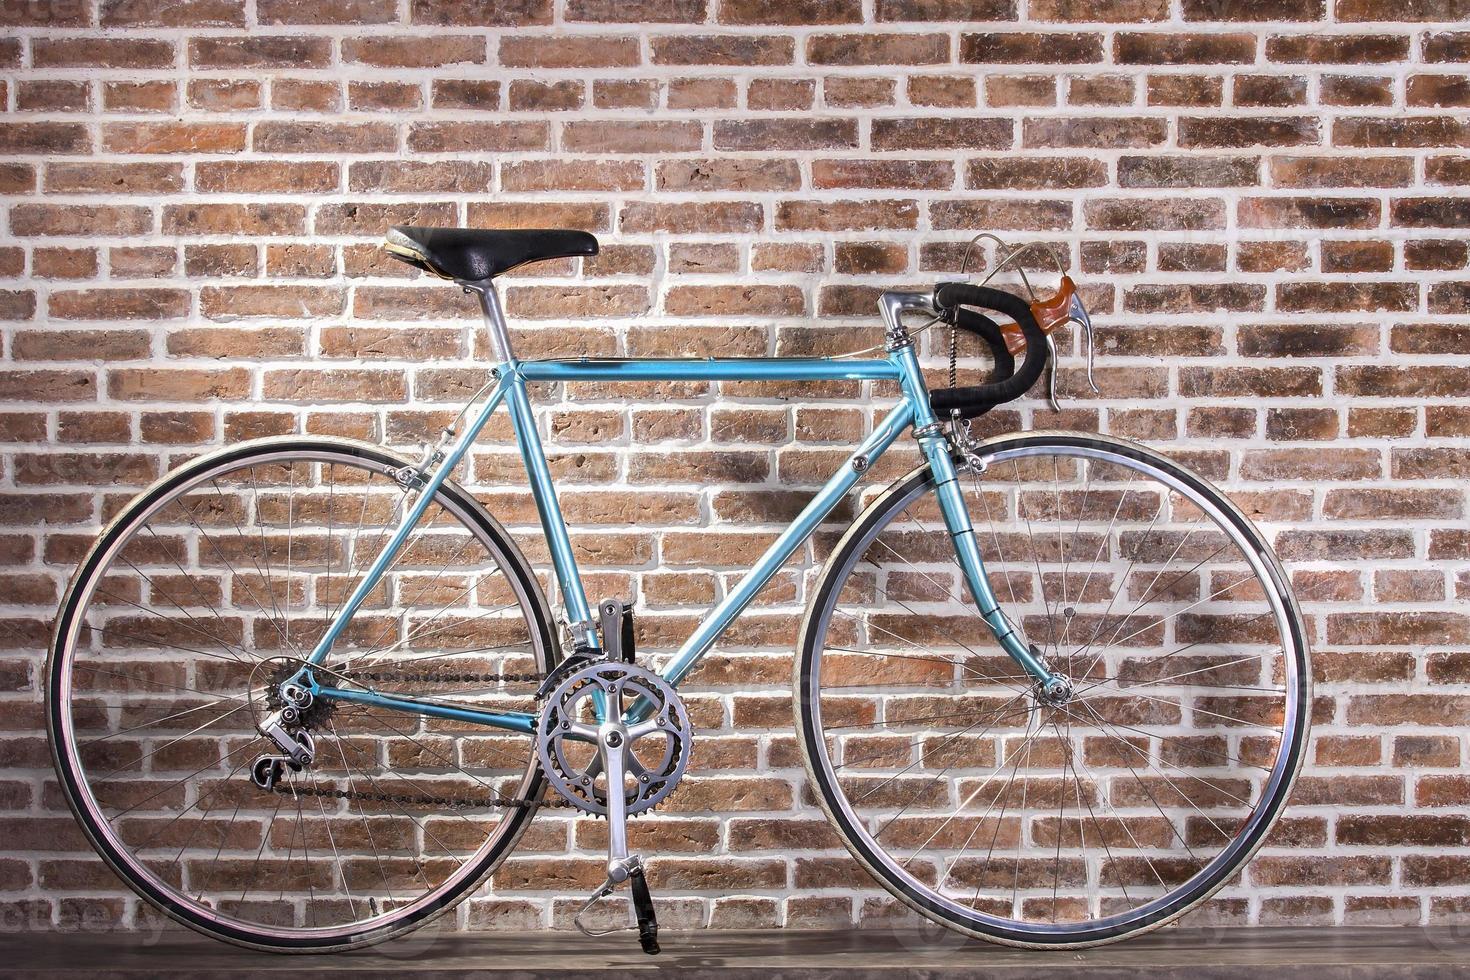 vélo rétro bleu photo